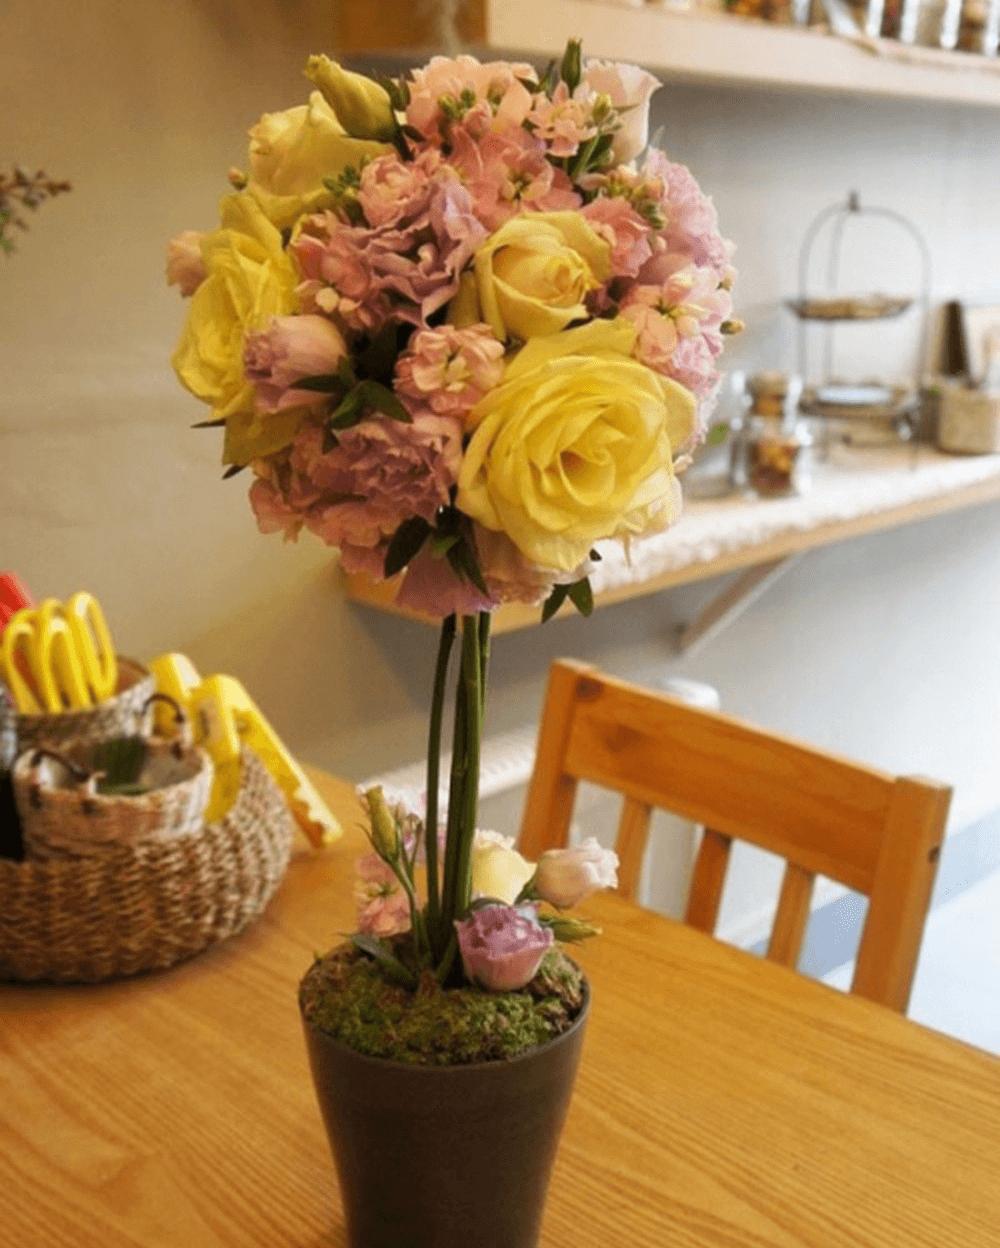 Kiểu cắm hoa thành hình quả cầu bay lạ mắt nhưng vẫn cực chất